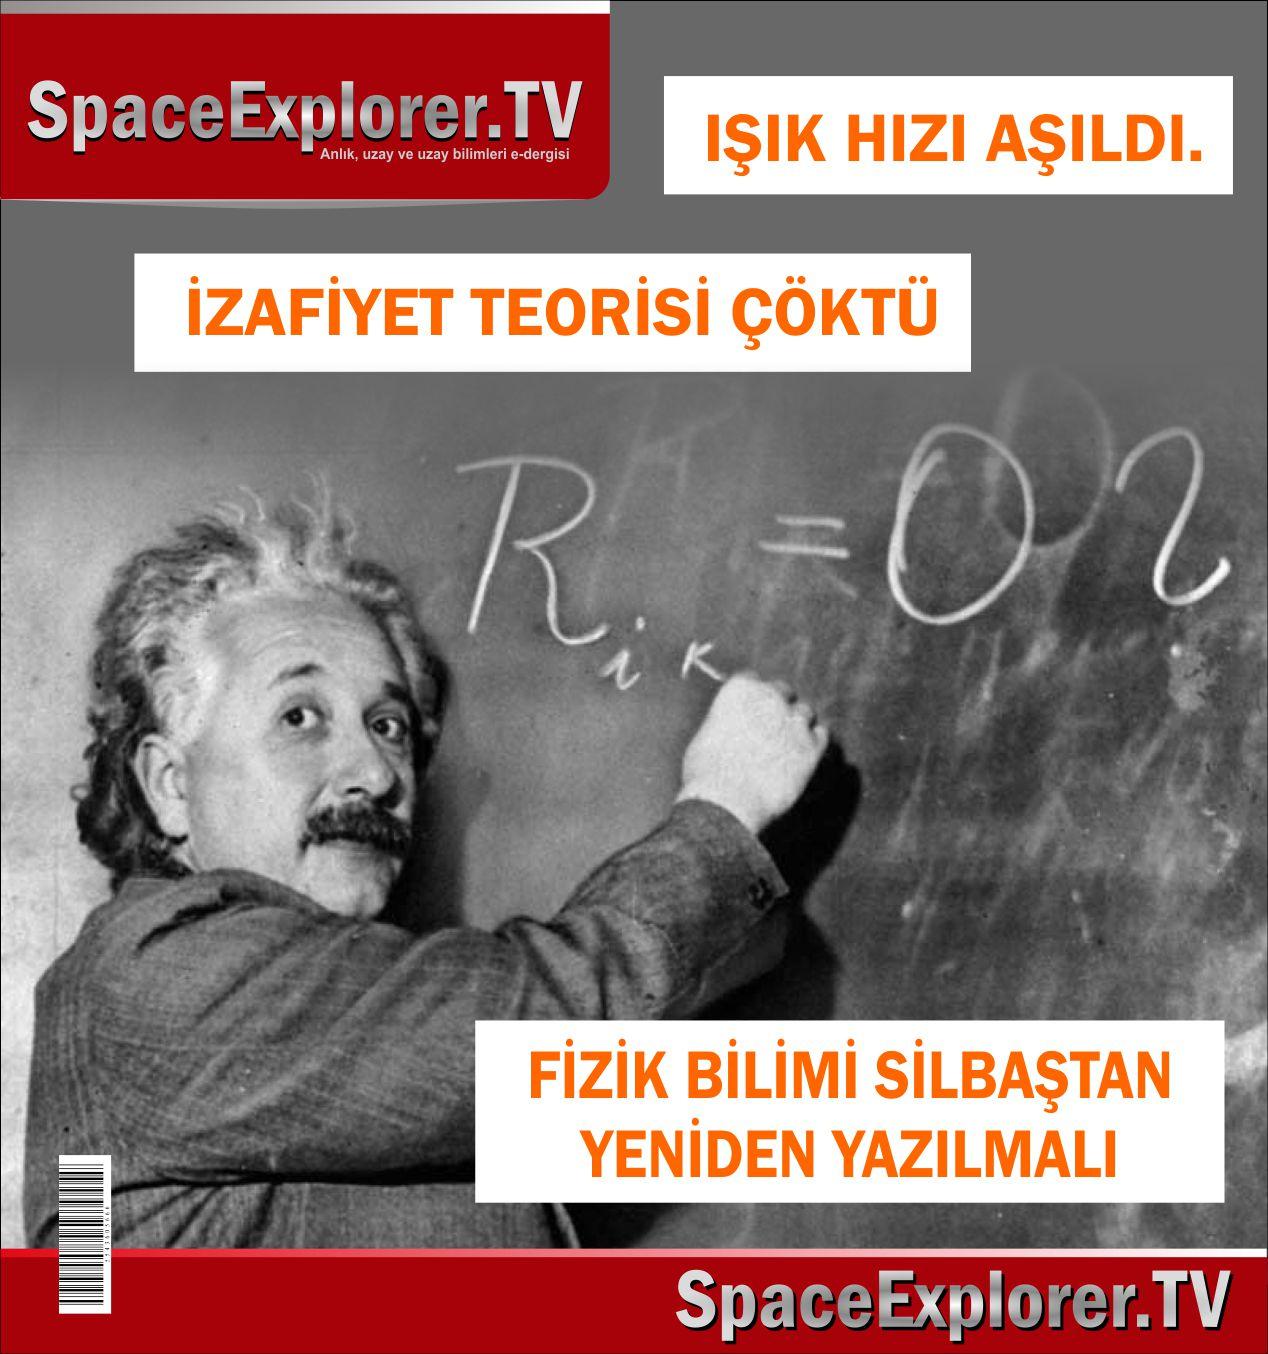 İzafiyet teorisi, Işık hızı, Işıktan hızlı yolculuk, Işınlanma, Albert Einstein, Bilim hırsızları, Gizli Yahudiler, Fizik, CERN,